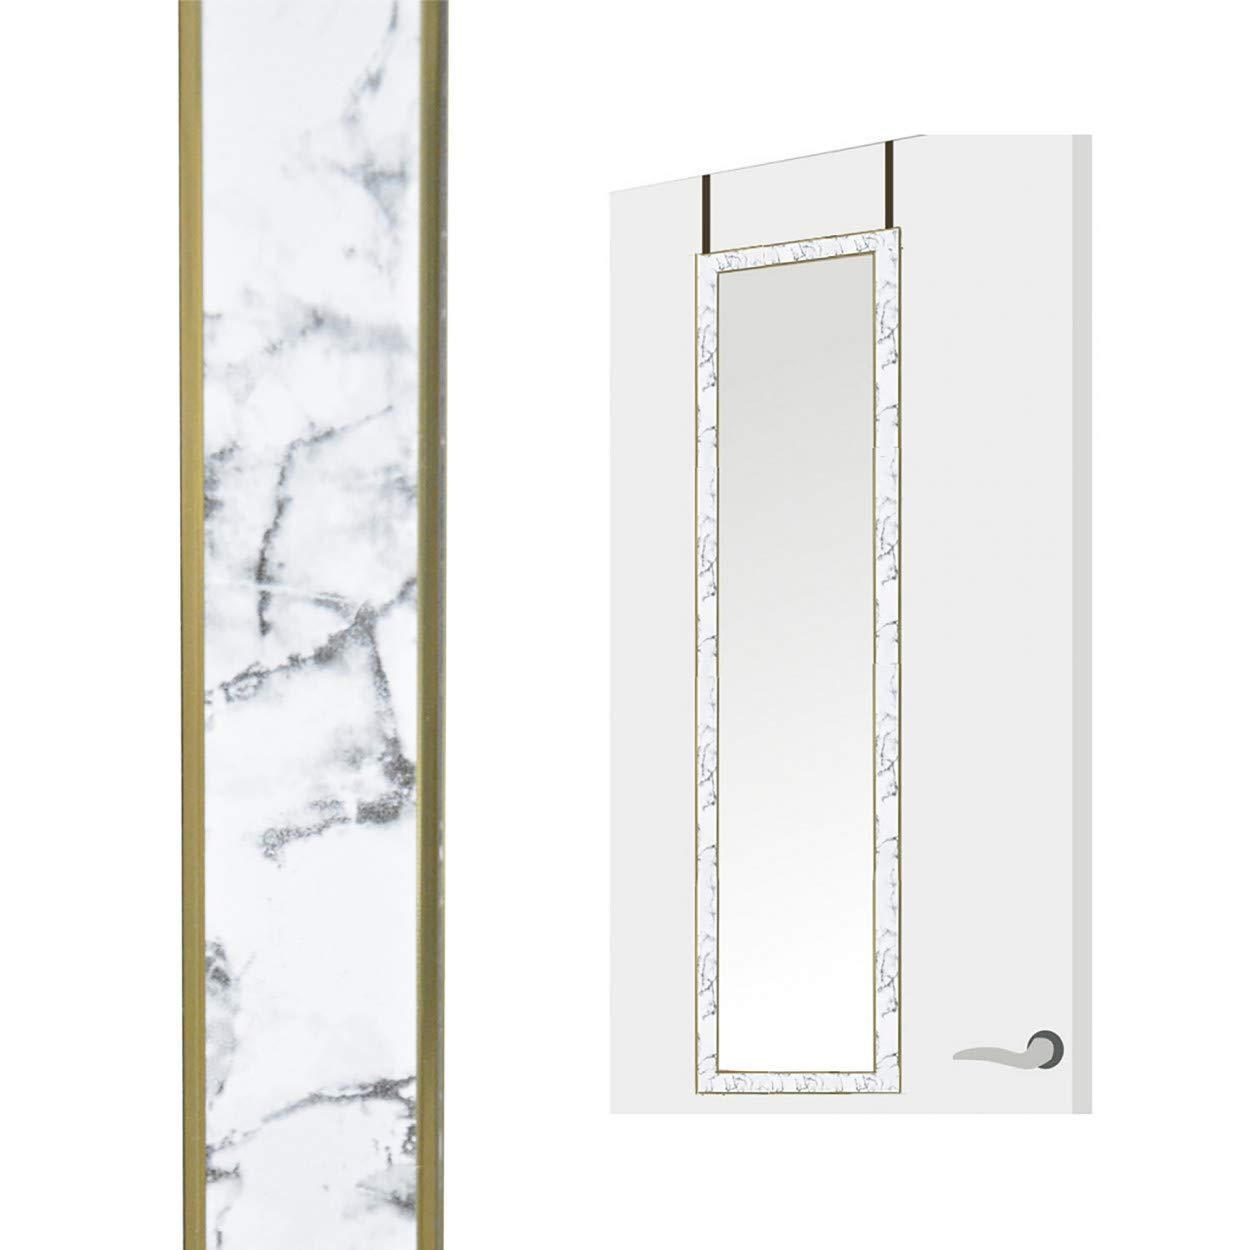 Hogar y Mas Espejo de Puerta Colgante para Dormitorio Espejos Originales Puerta 34x94 cm Blanco Dise/ño de M/ármol